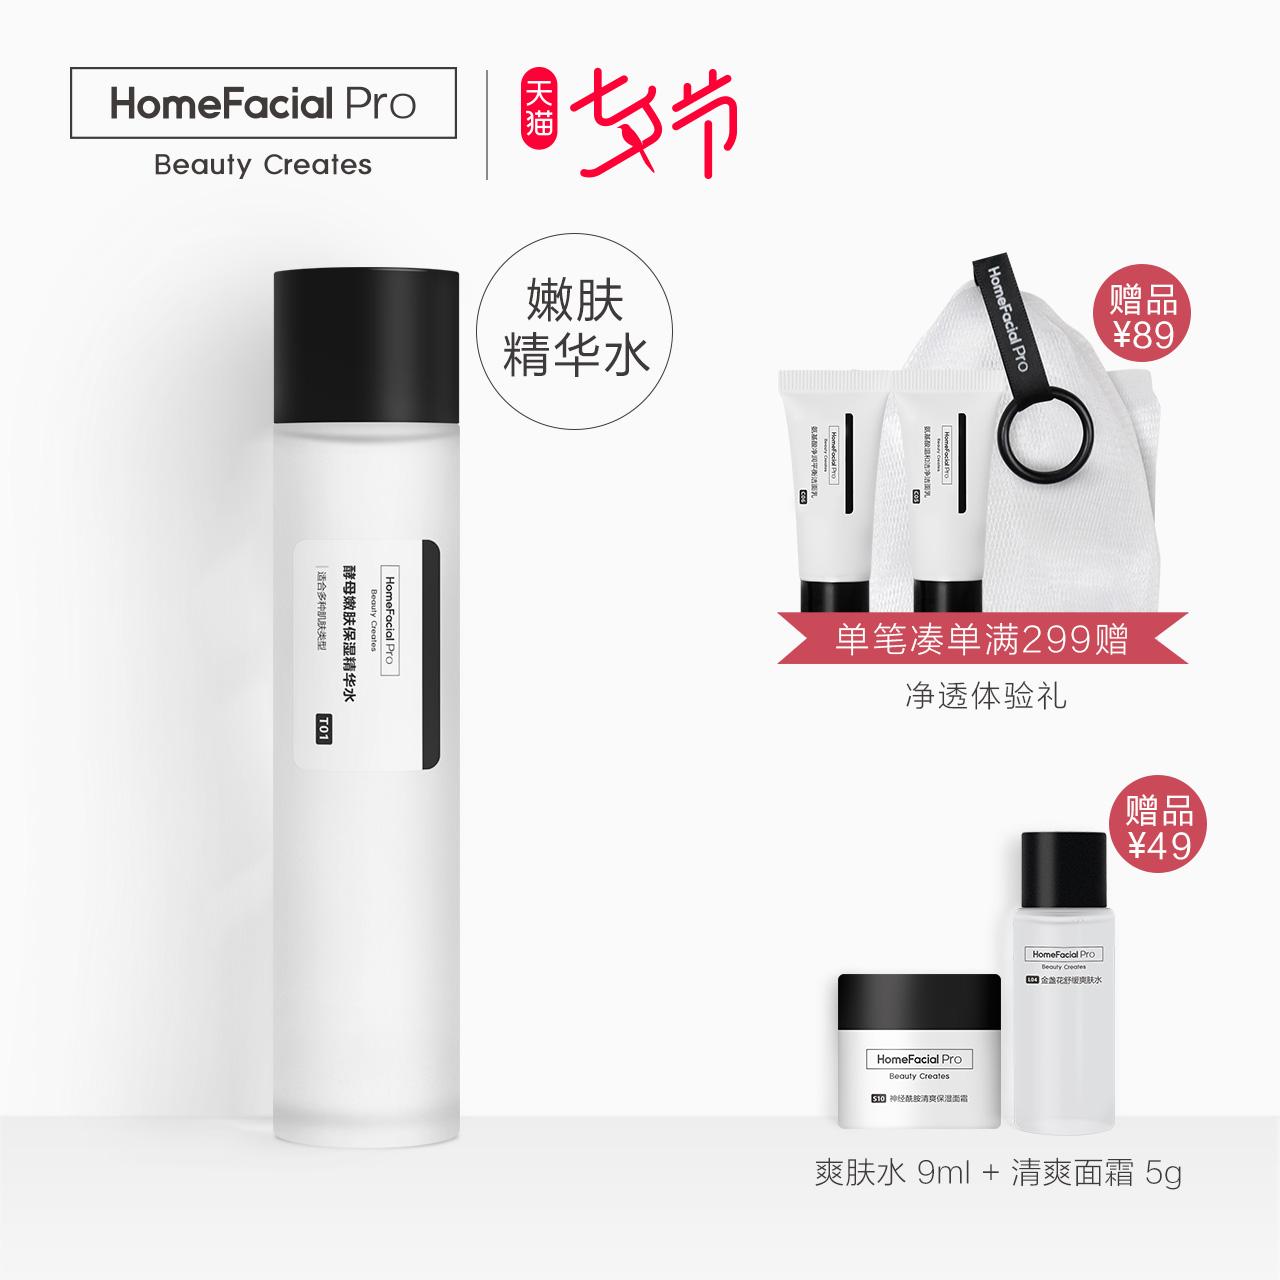 HomeFacialPro酵母嫩肤保湿精华水 补水滋润护肤收缩毛孔提亮肤色